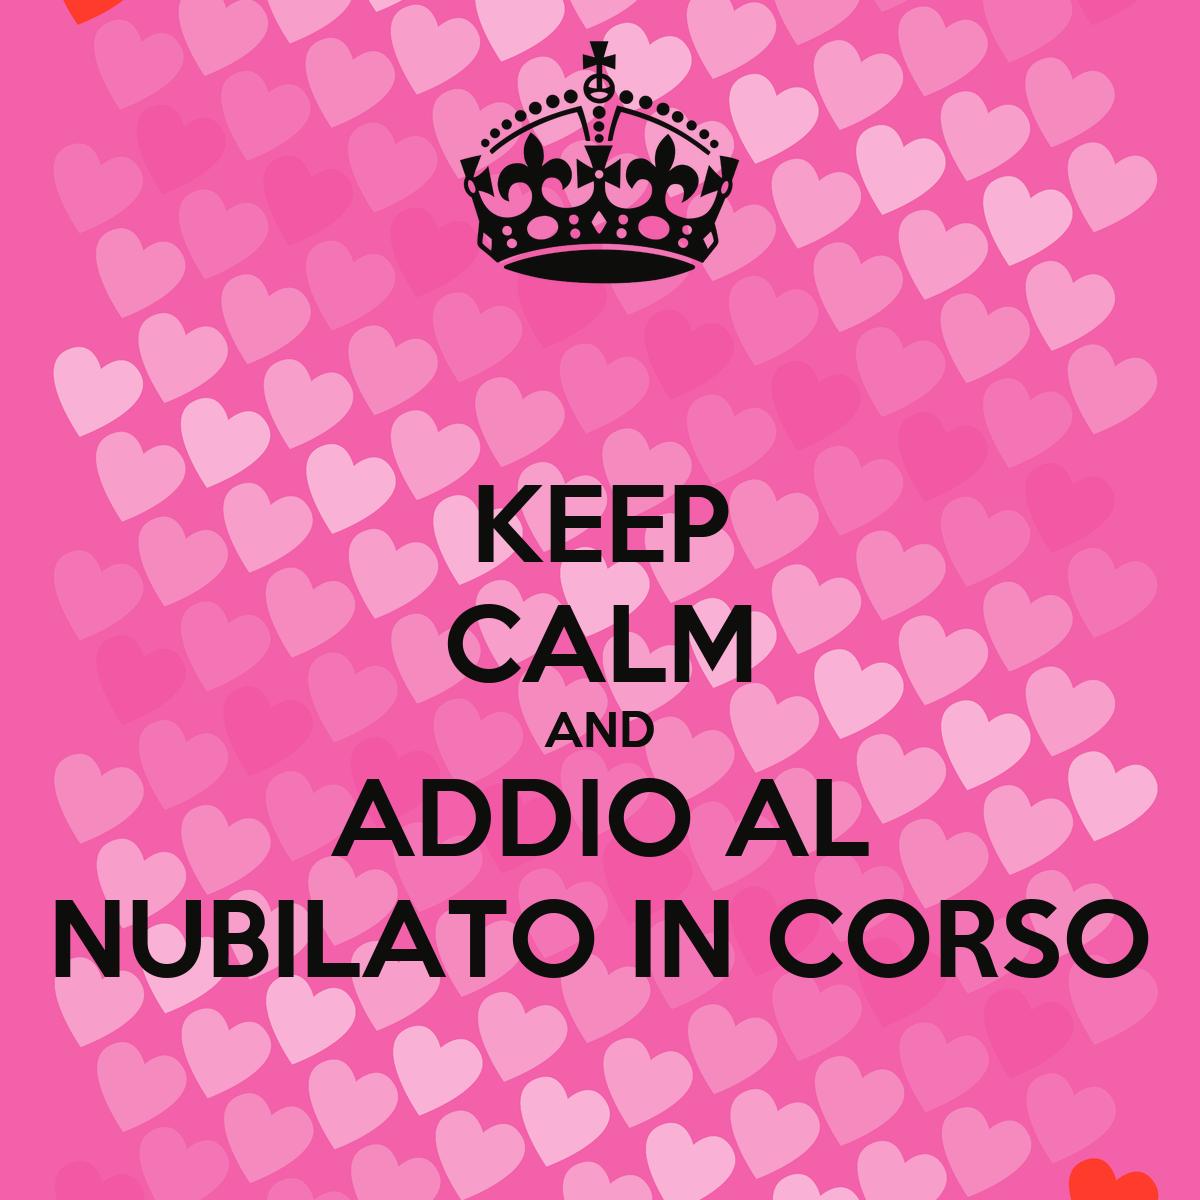 Keep calm and addio al nubilato in corso poster thushy for Immagini di keep calm